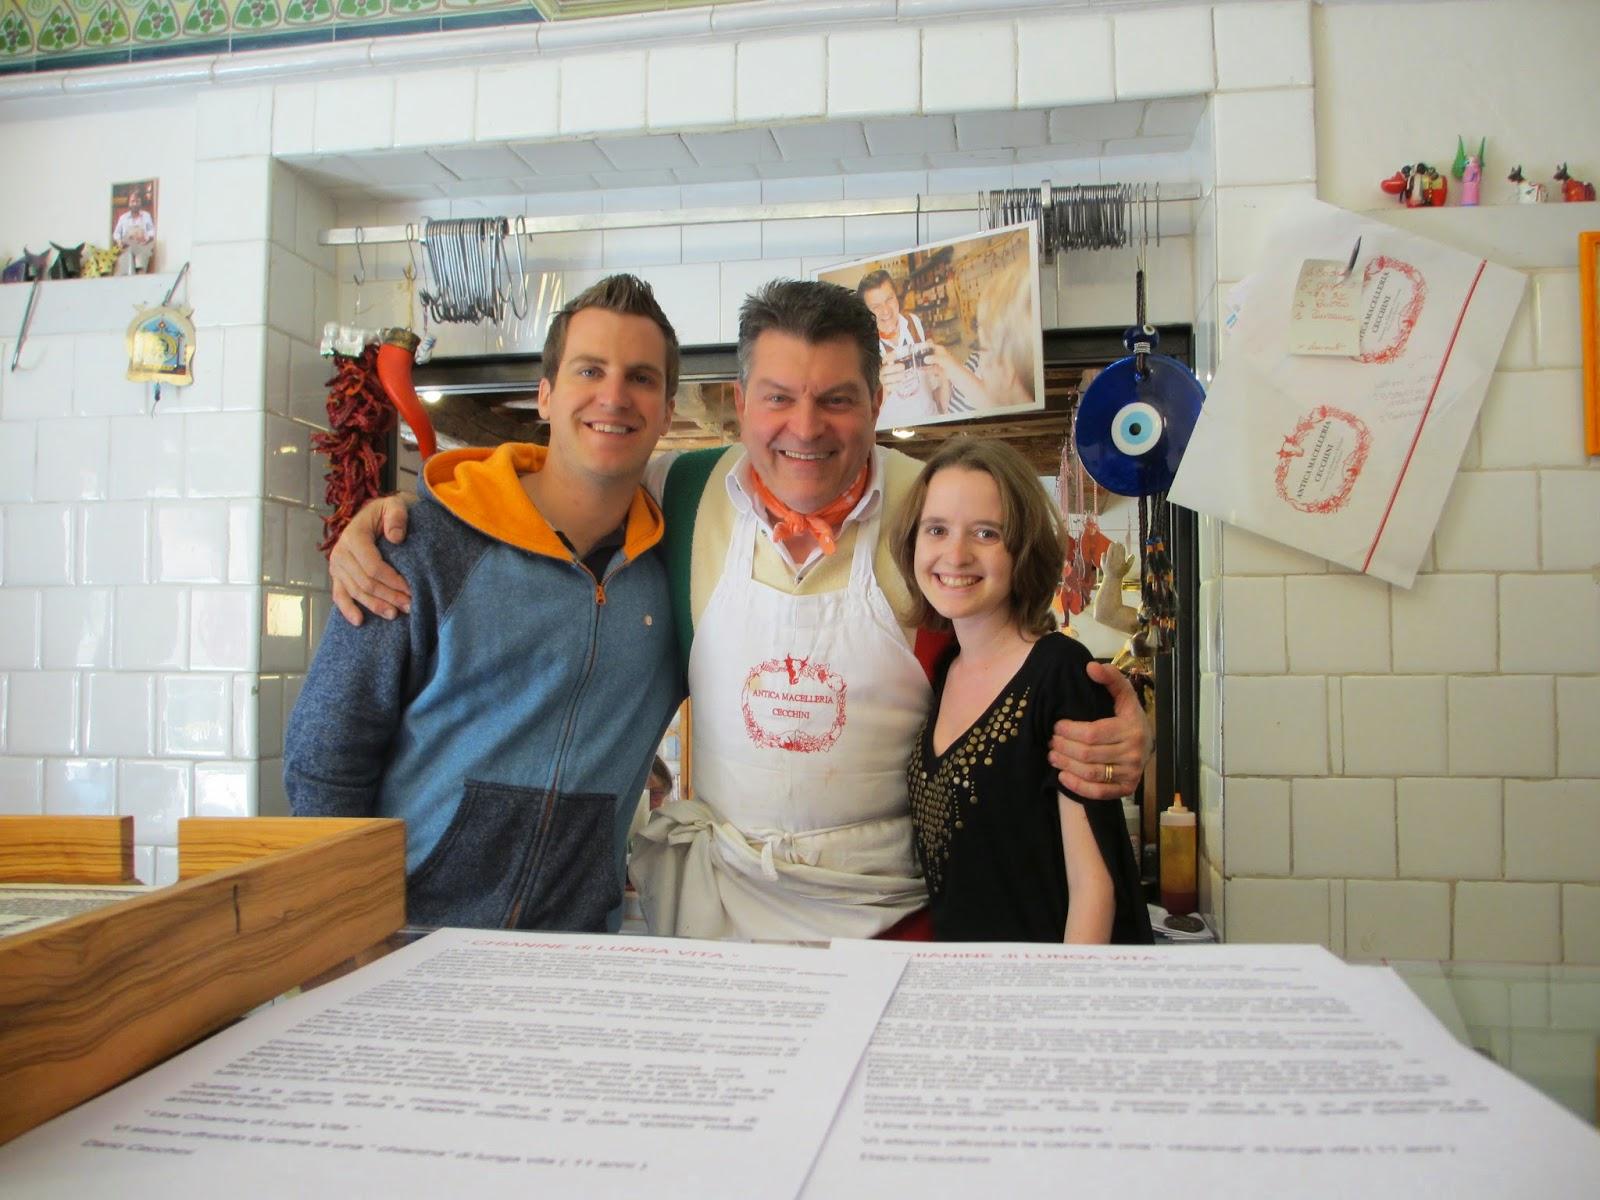 Visiting the butcher legend, Dario Cecchini, in Chianti